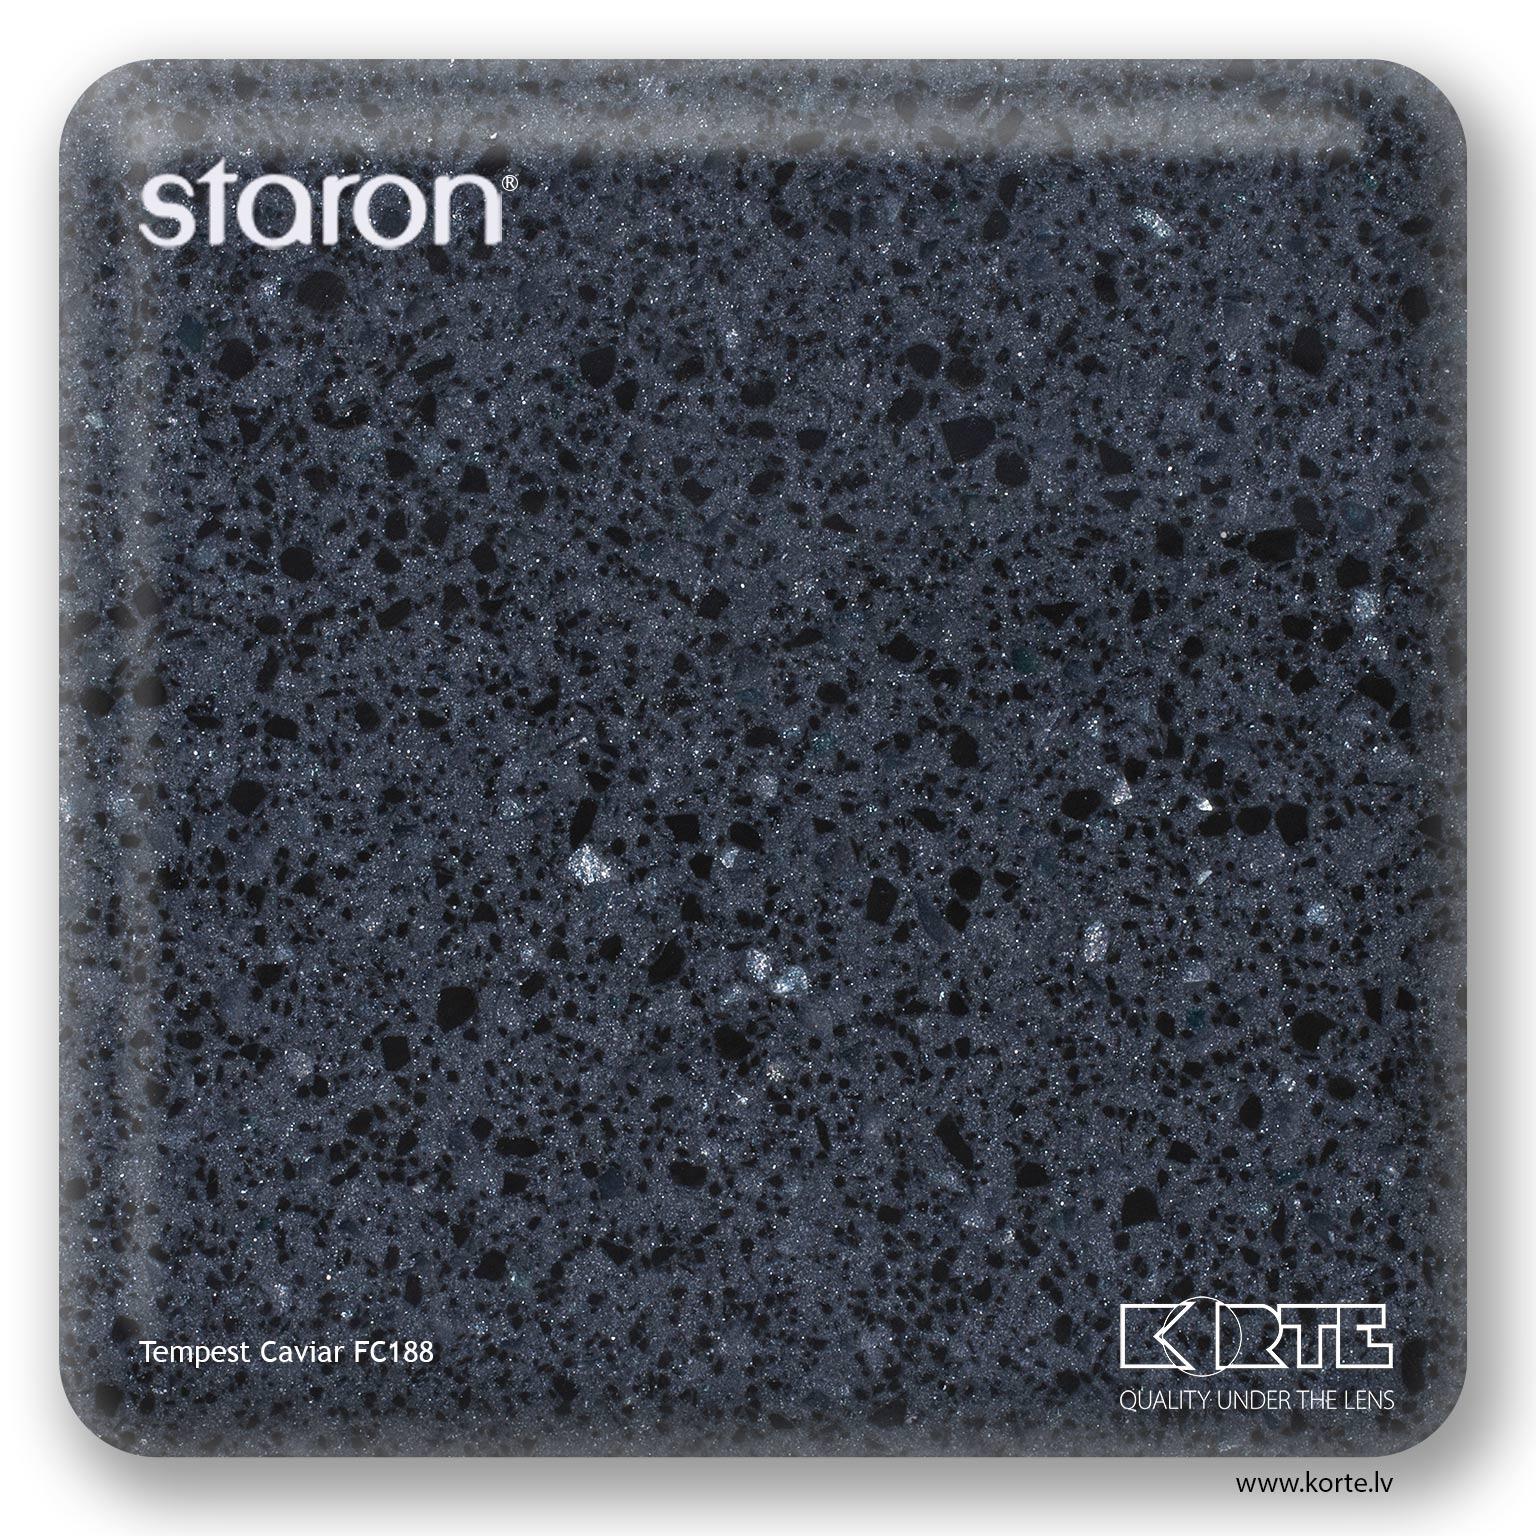 Staron Tempest Caviar FC188